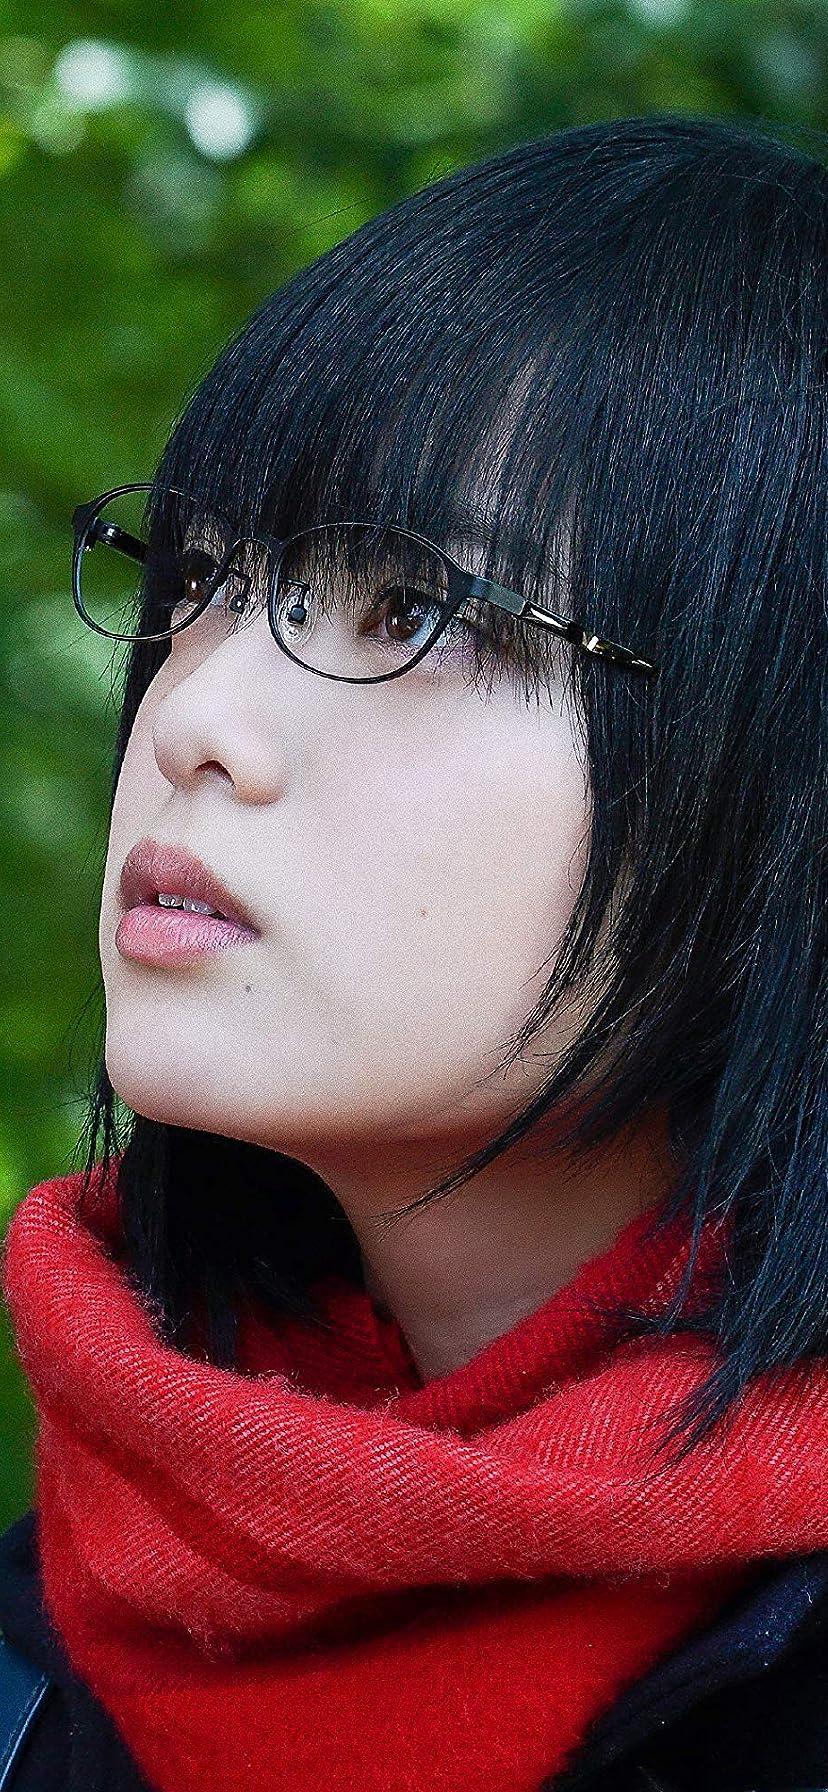 欅坂46 Iphone 11 Pro Max Xr Xs Max 壁紙 平手友梨奈 女性タレント スマホ用画像